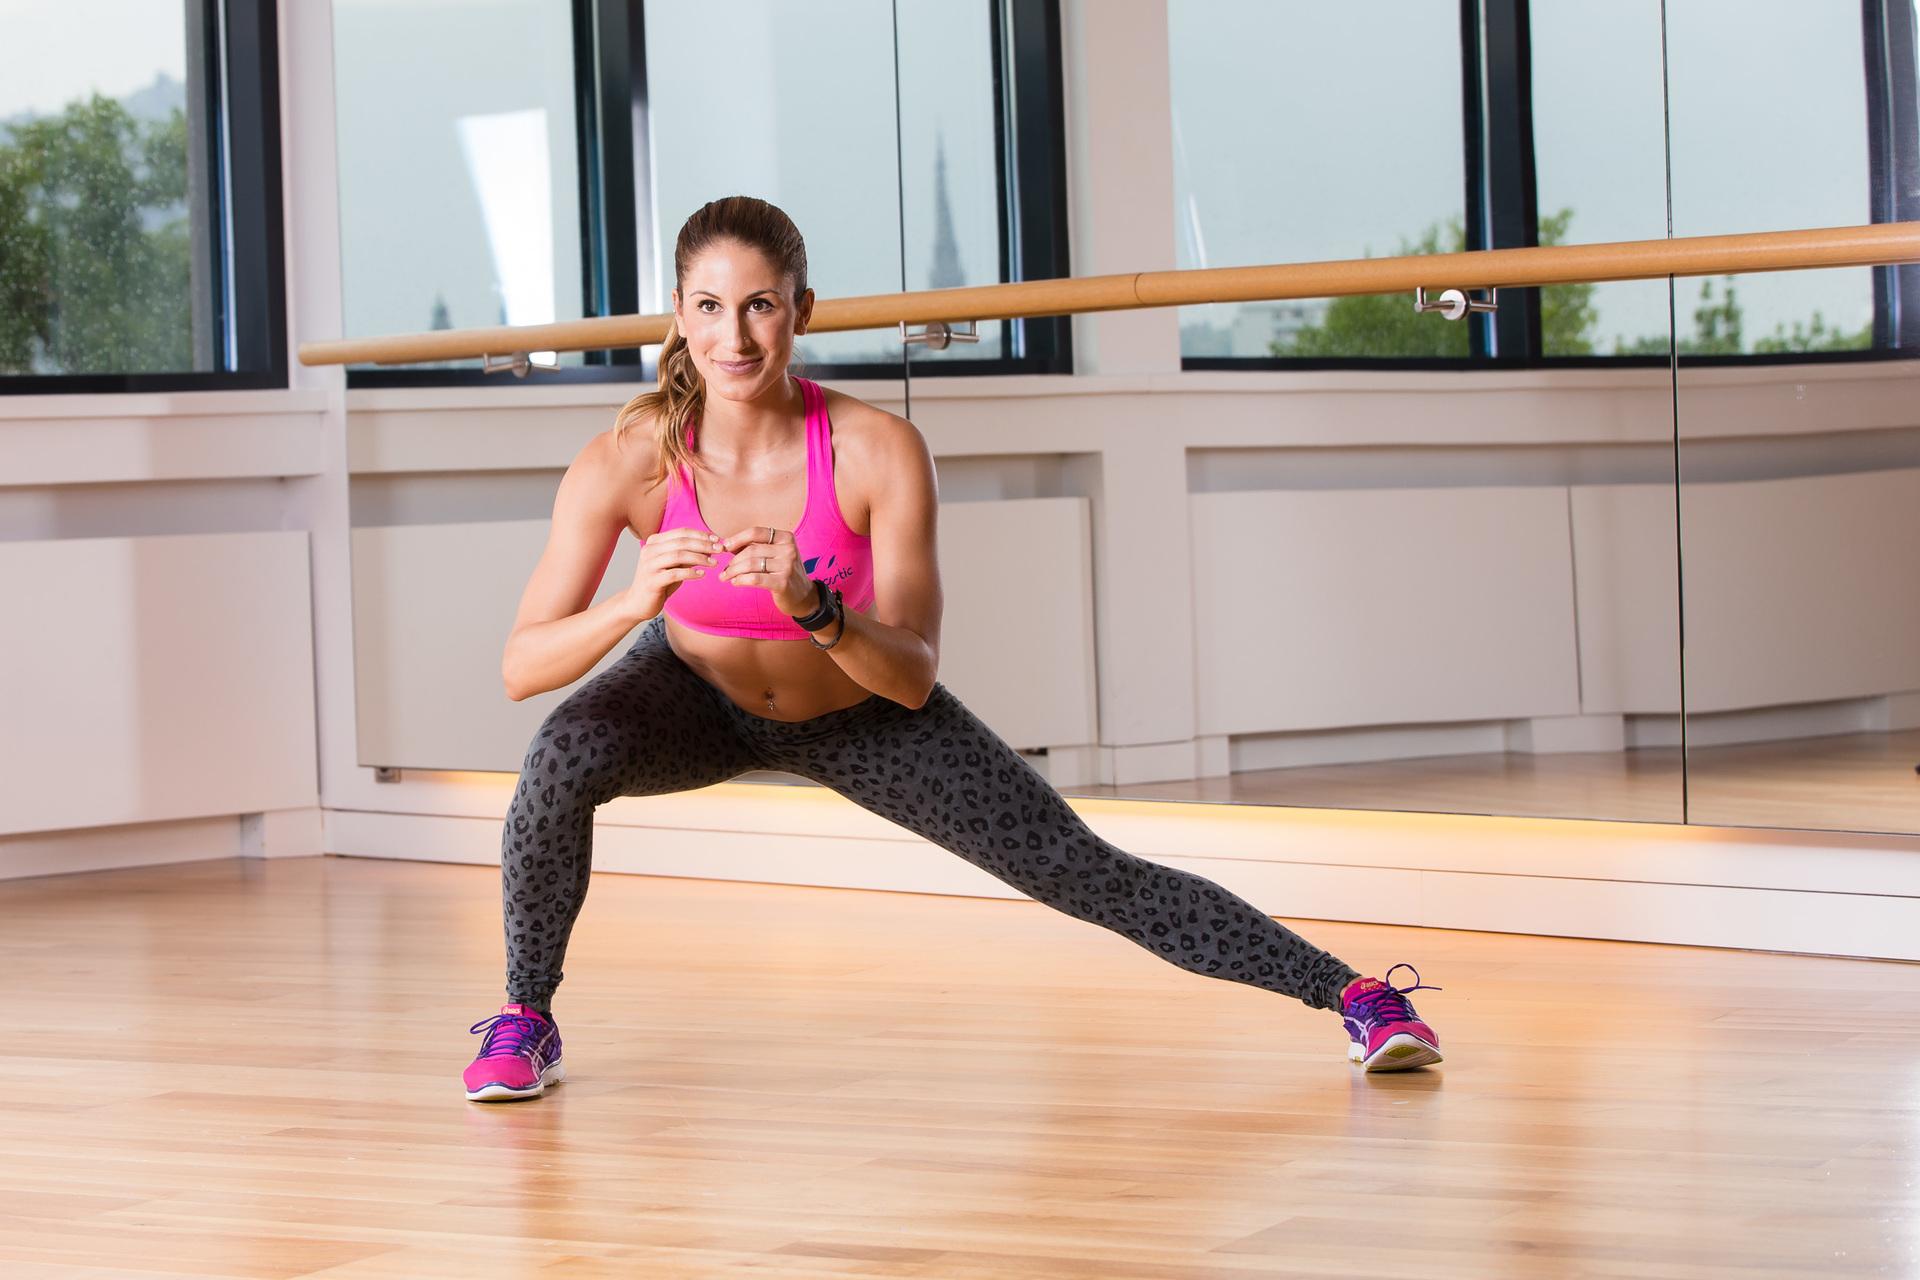 Этот вариант упражнения отлично подходит девушкам, заинтересованным в корректировке нижней части тела